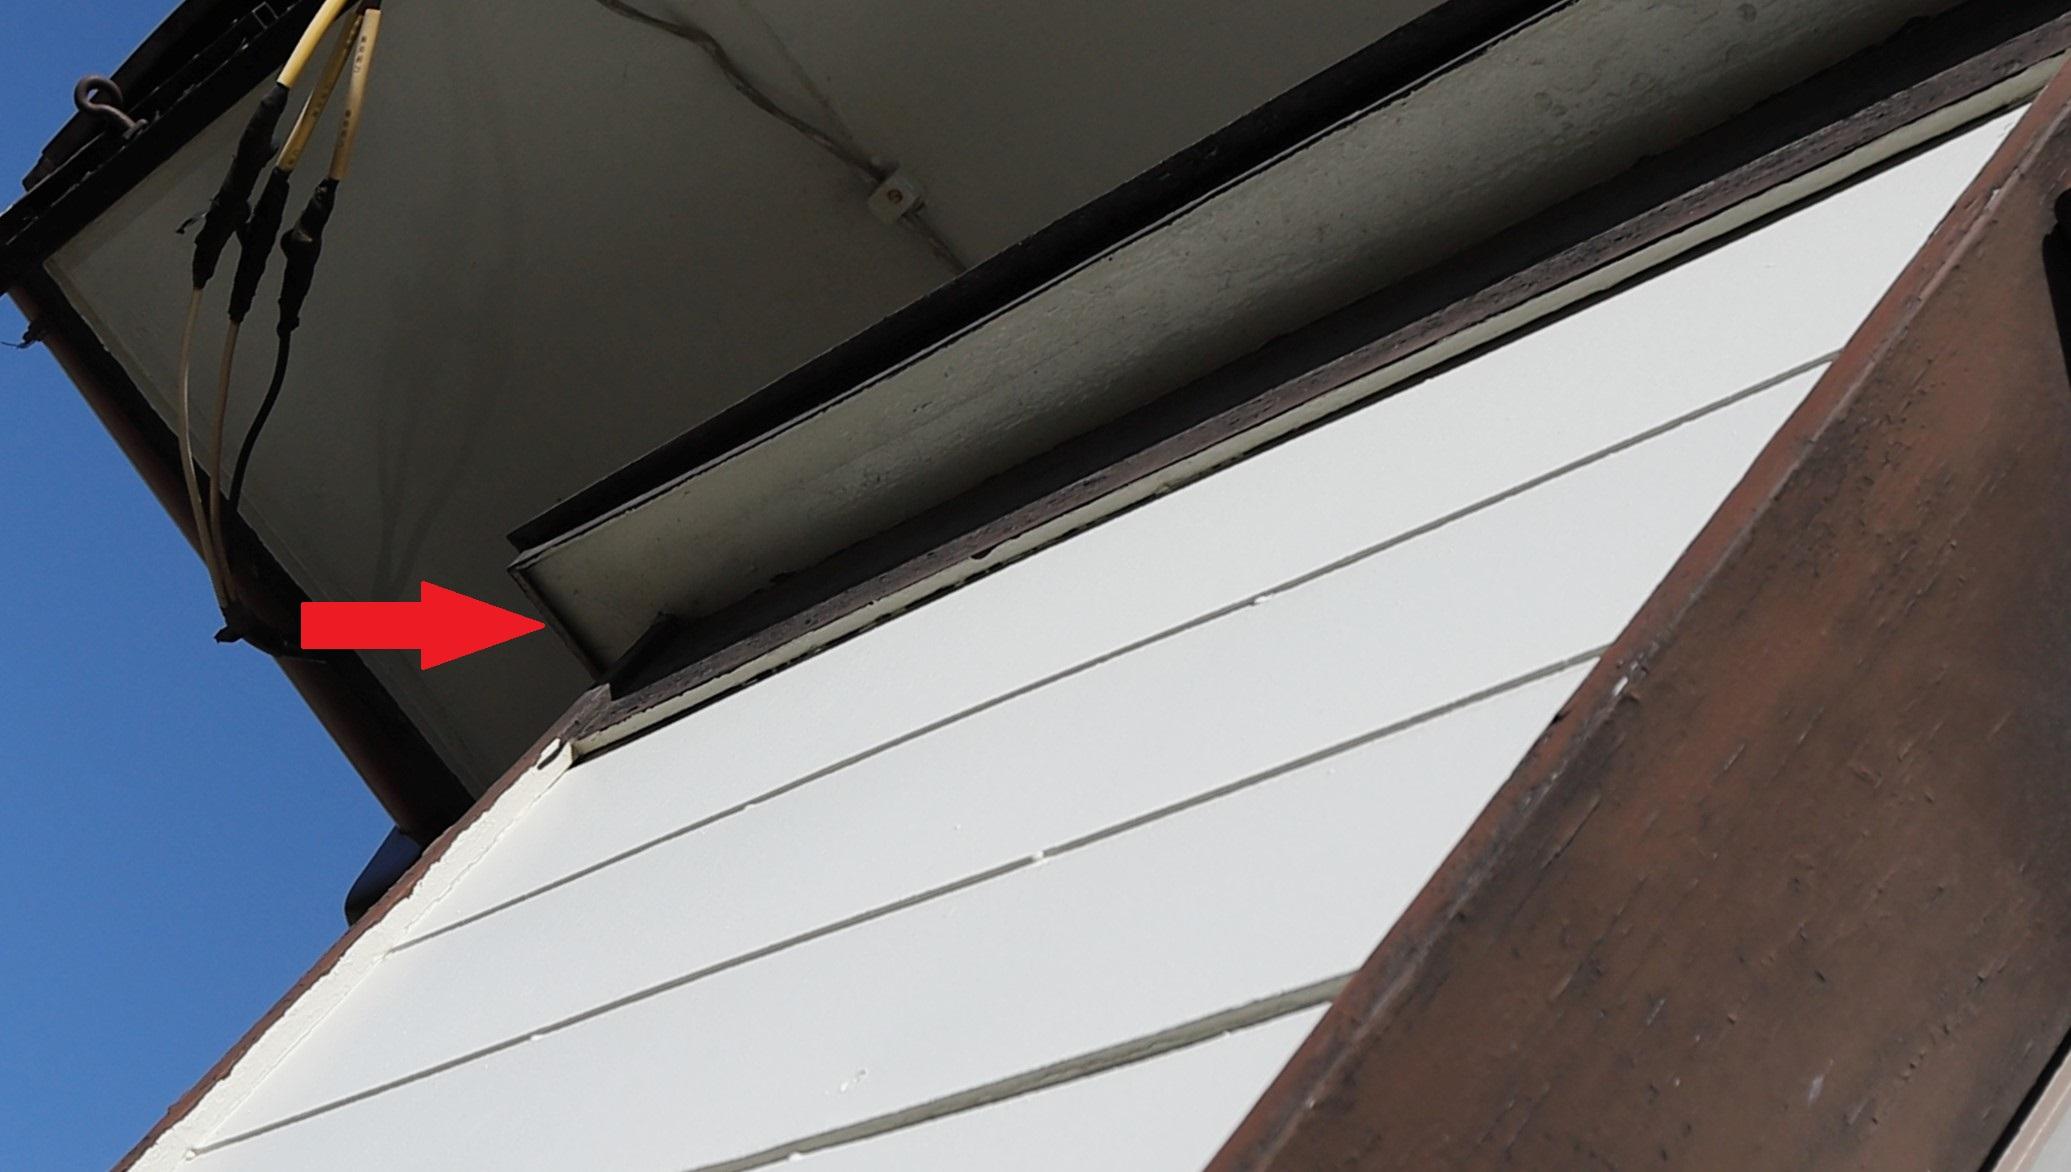 千葉県印西市のA様のコウモリ駆除:施工前